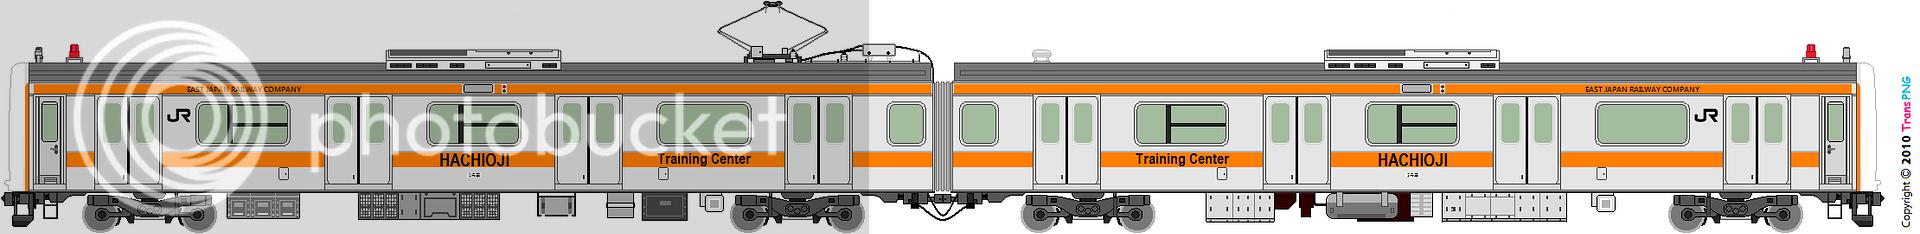 鐵路列車 1984